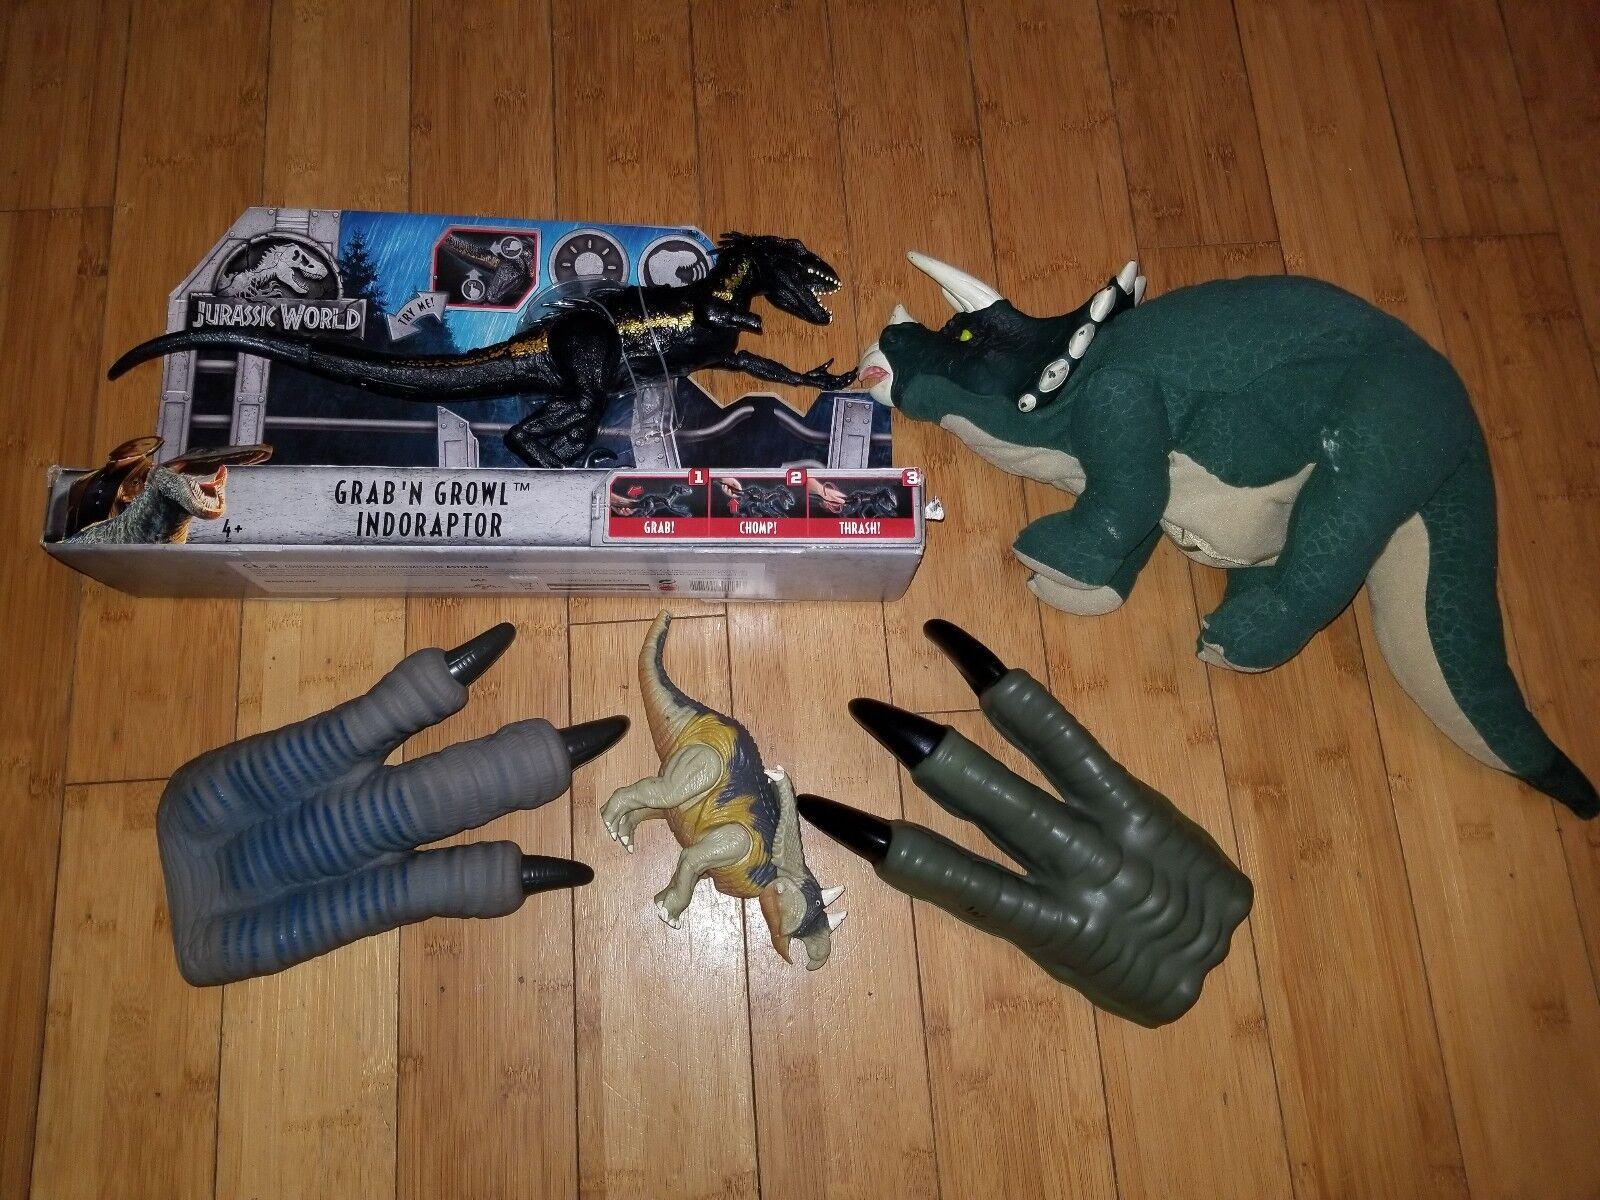 Jurassique Word Jurassic Park Lot-voir description-Triceratops marionnette 1Q